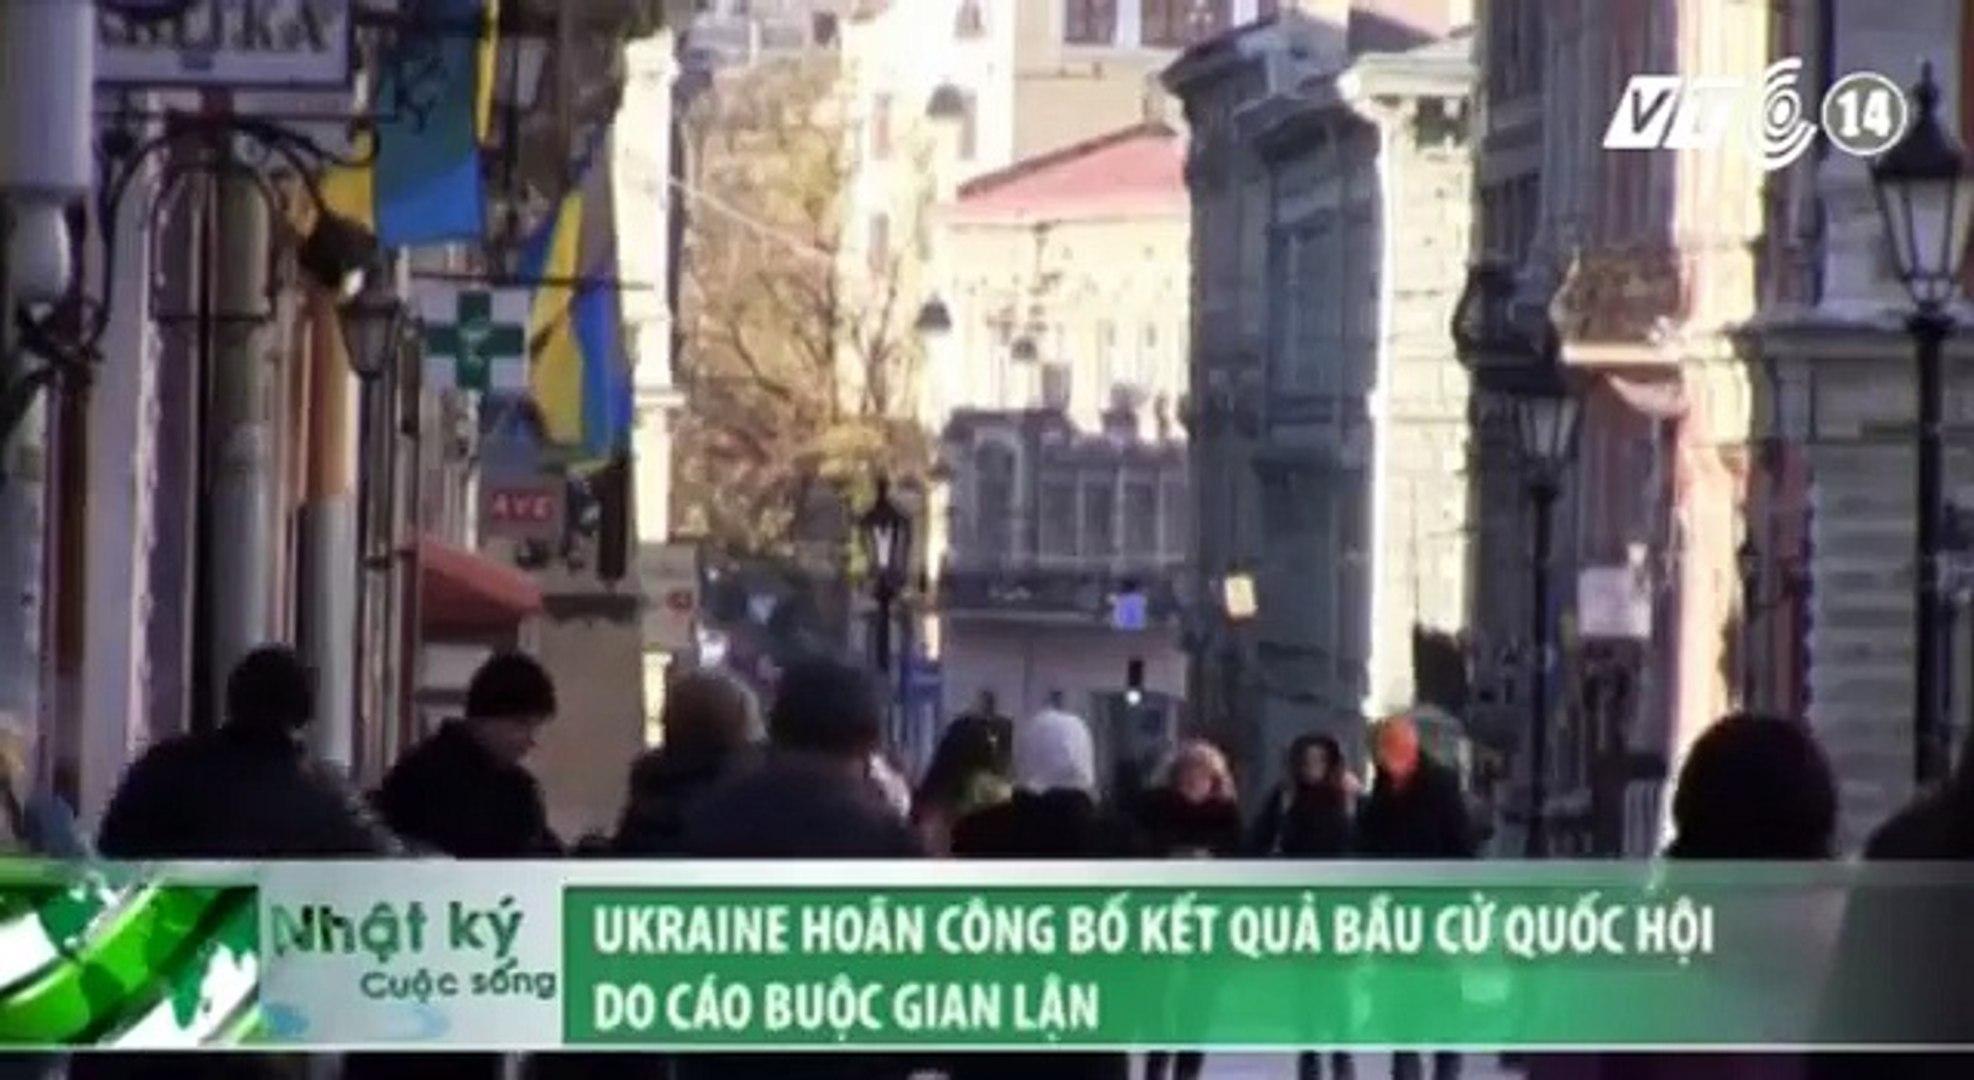 VTC14_Ukraine hoãn công bố kết quả bầu cử Quốc hội do cáo buộc gian lận